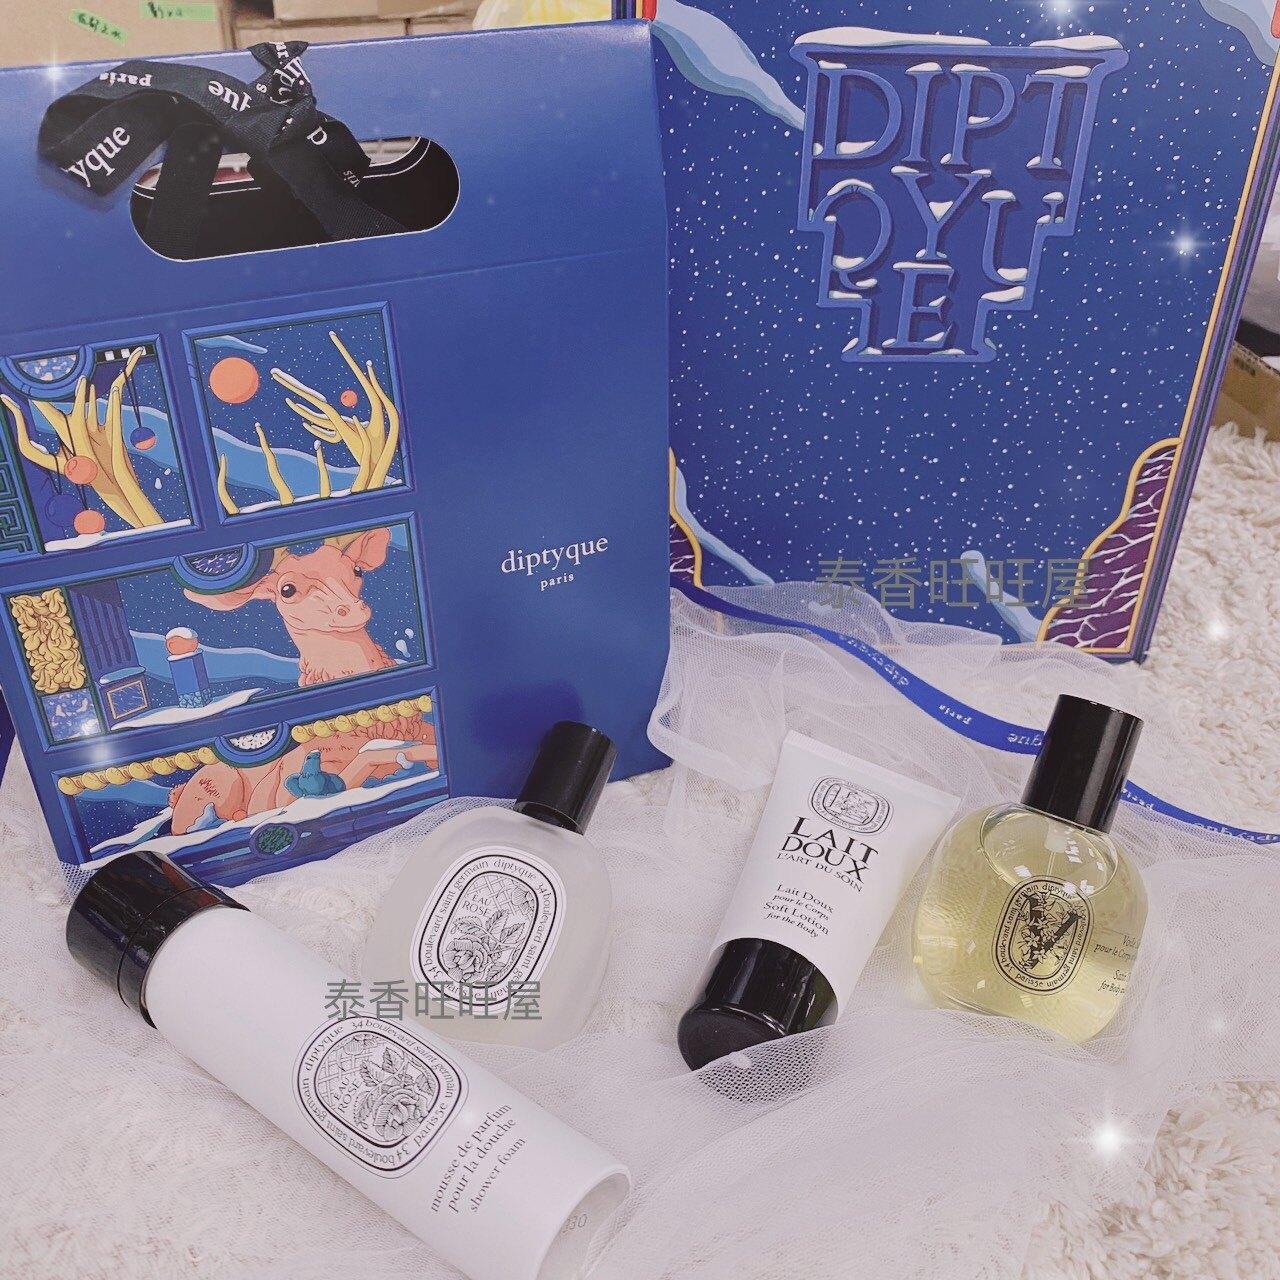 限量 限定商品【Diptyque】2020 聖誕 驚喜包 影中之水 玫瑰之水 茉莉花潤澤油 髮香噴霧 午夜冷杉室內噴霧 聖誕禮物